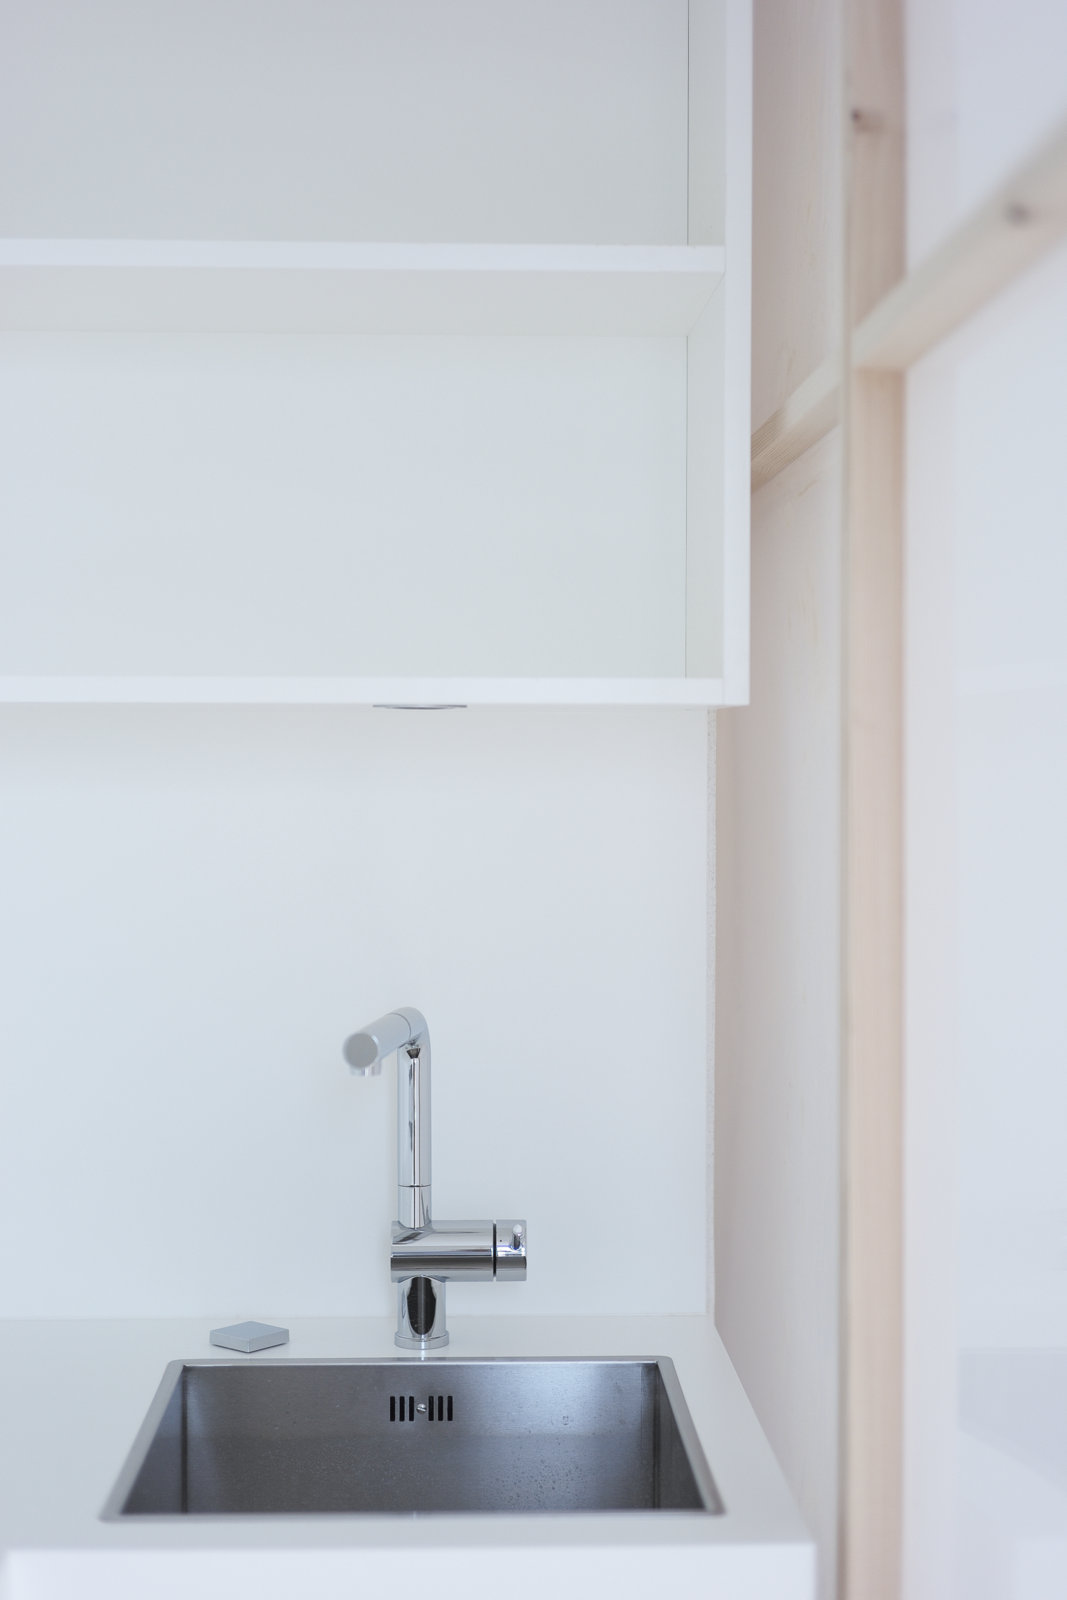 EGB Hattonchâtel - architecture intérieur - aménagement privé - transformation - rénovation - homedesign - architecte intérieur - interior design - refurbishment - design & build - innenarchitekt - innenarchitektur - egb - entreprise générale - clé en main - general contractor - aménagement d'habitation